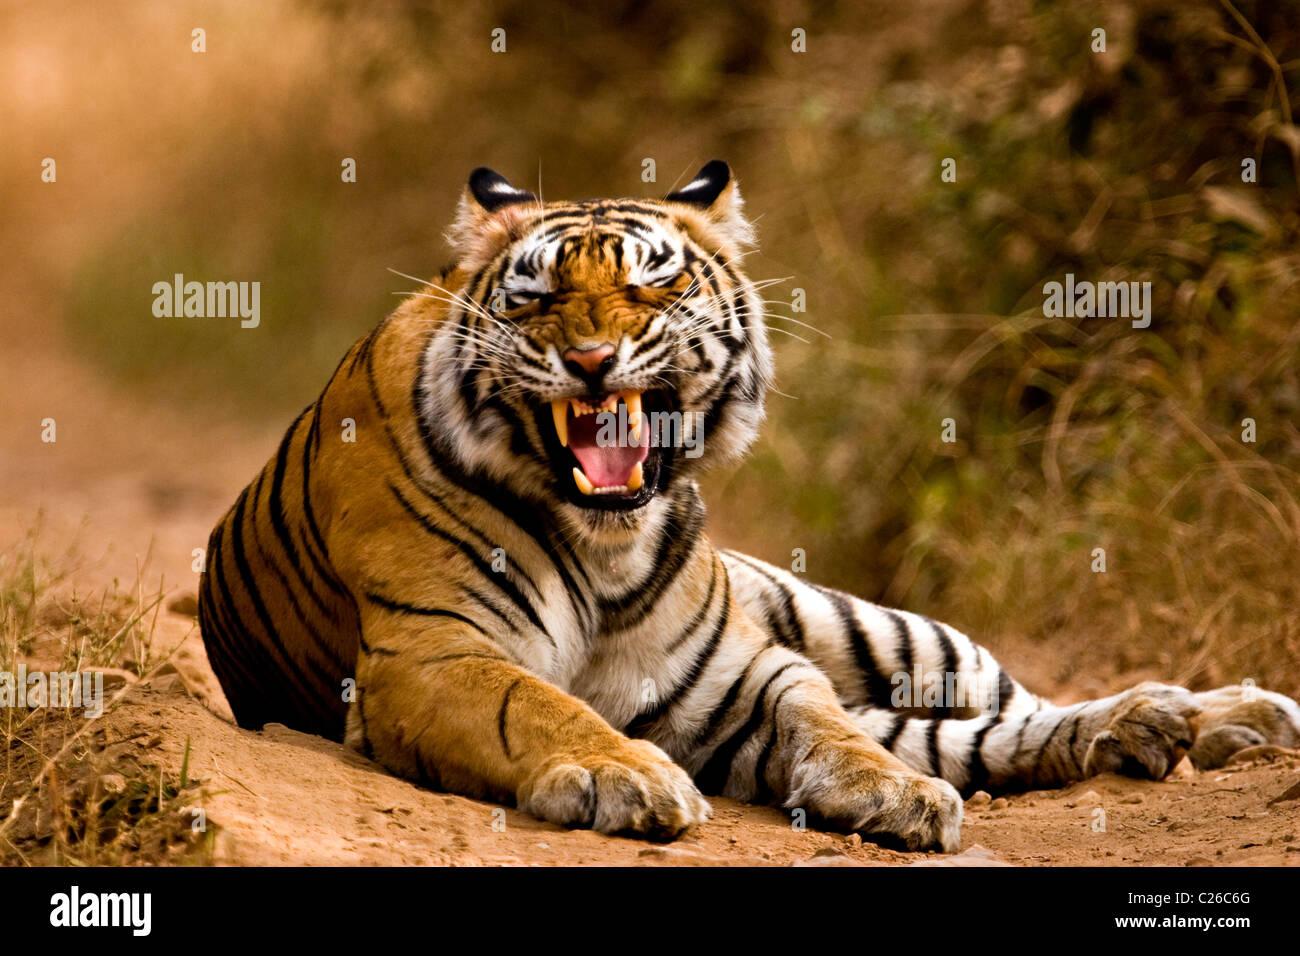 Tiger ululano sulle piste forestali di Ranthambore riserva della tigre Immagini Stock